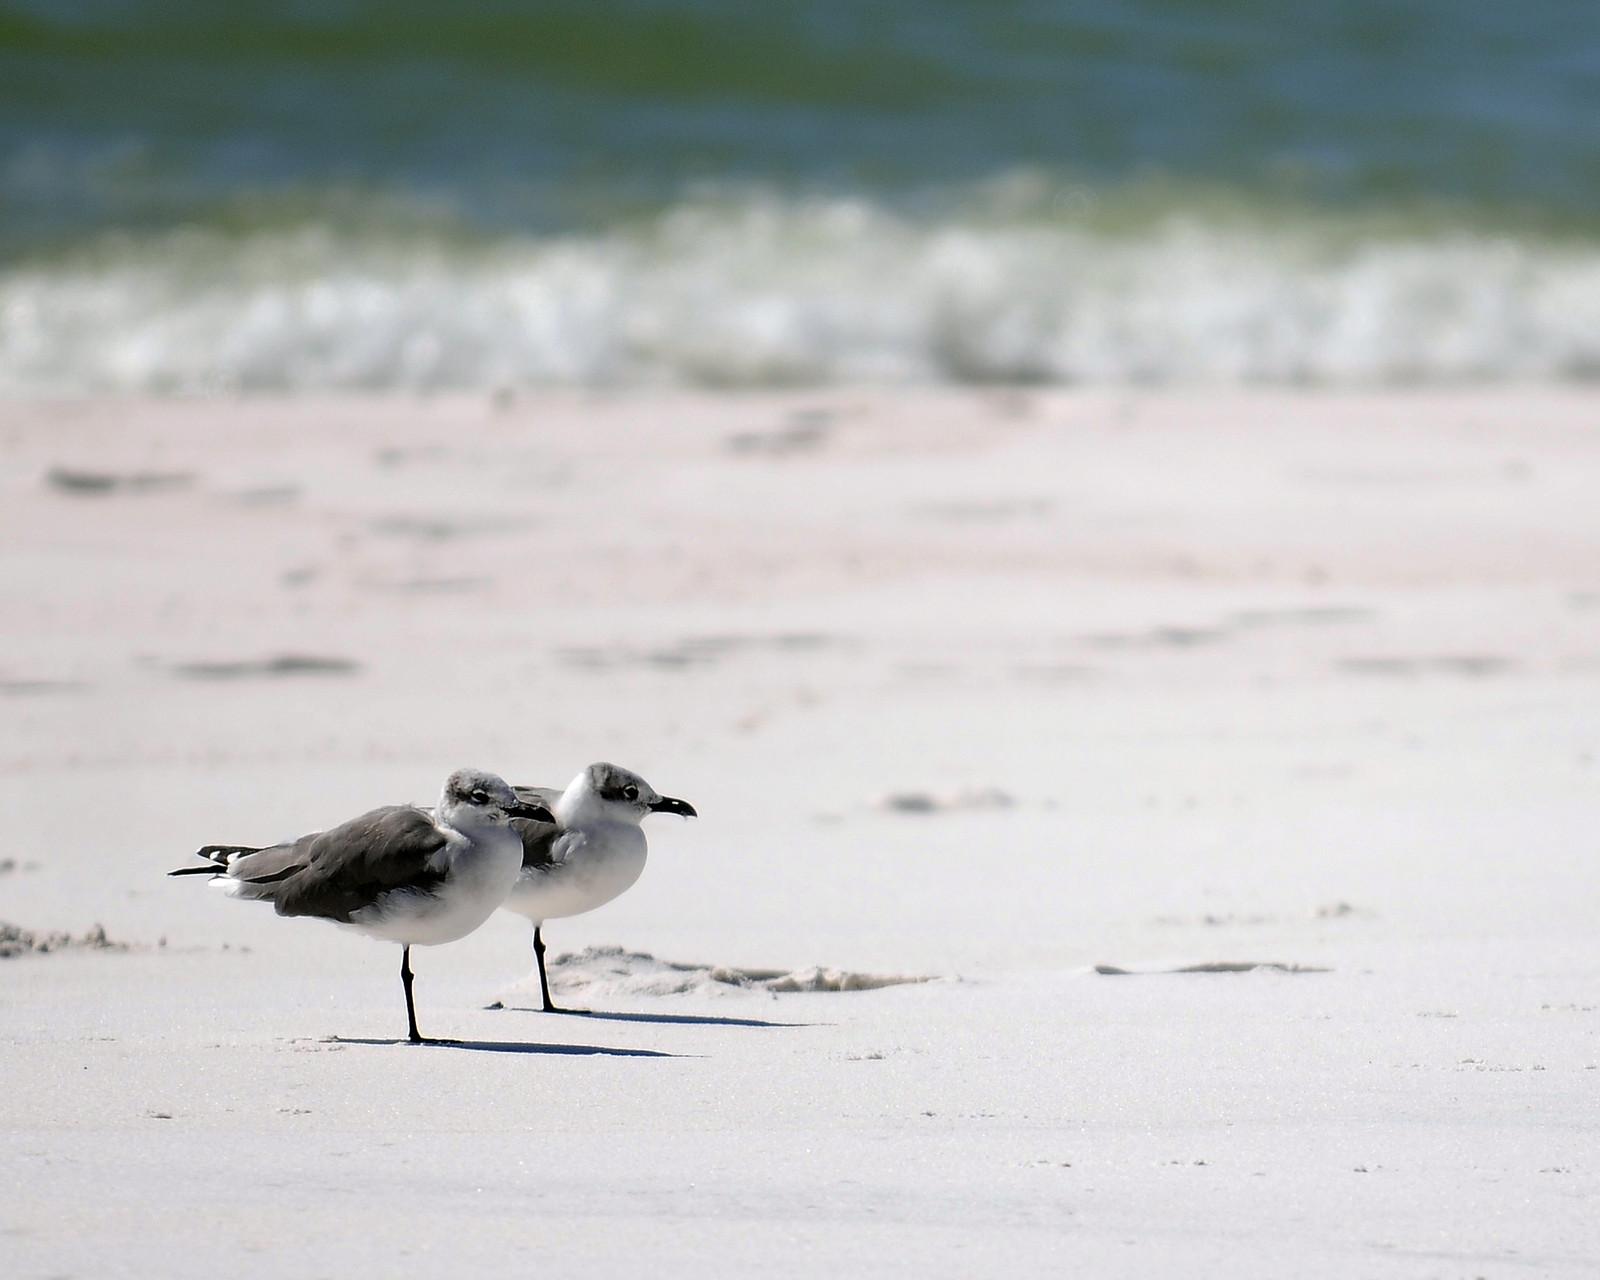 02_Möwen (gulls) in Fort Walton Beach in Florida